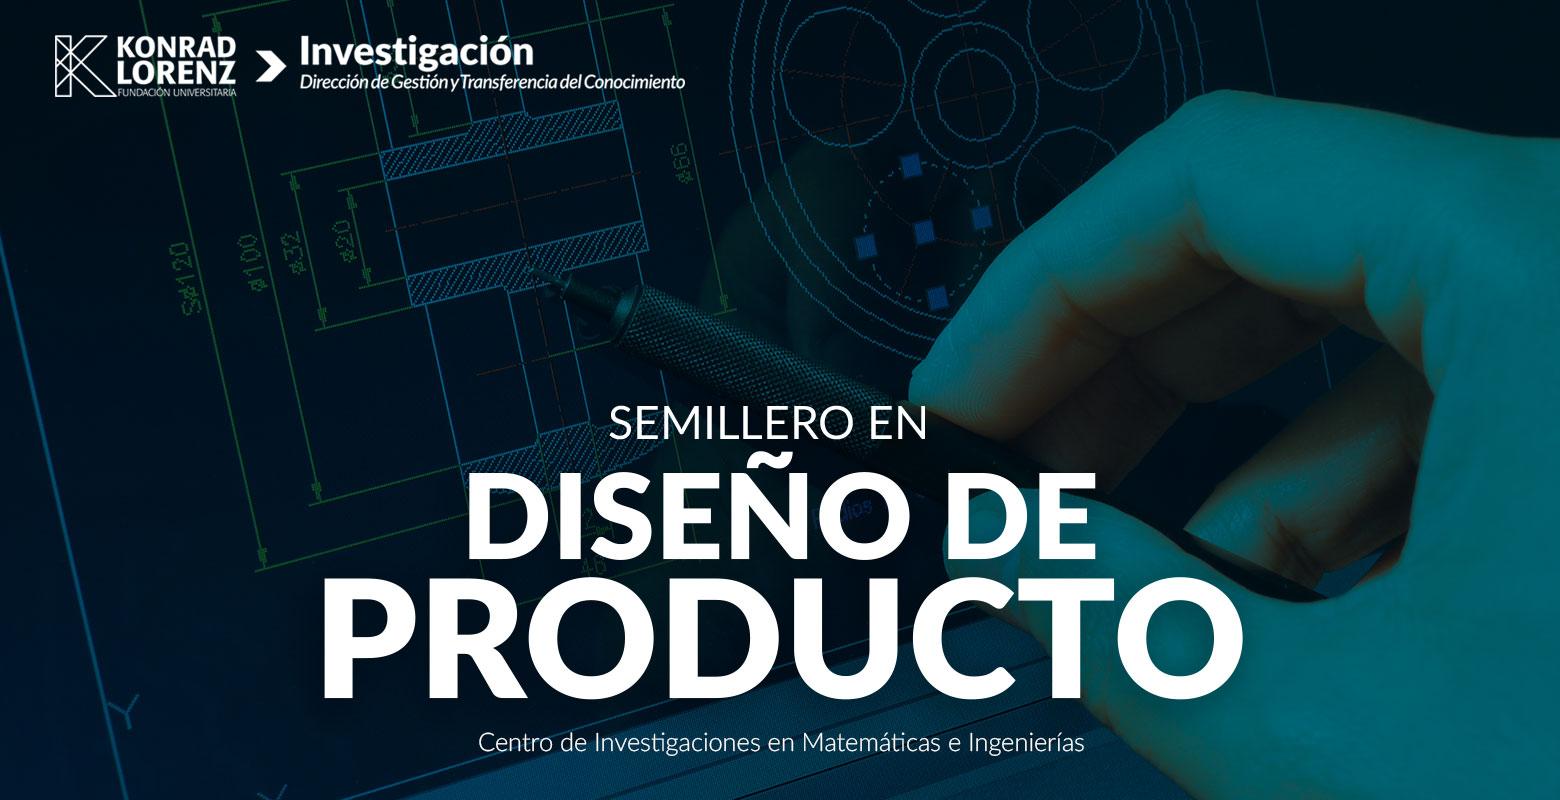 Semillero en Diseño de Producto